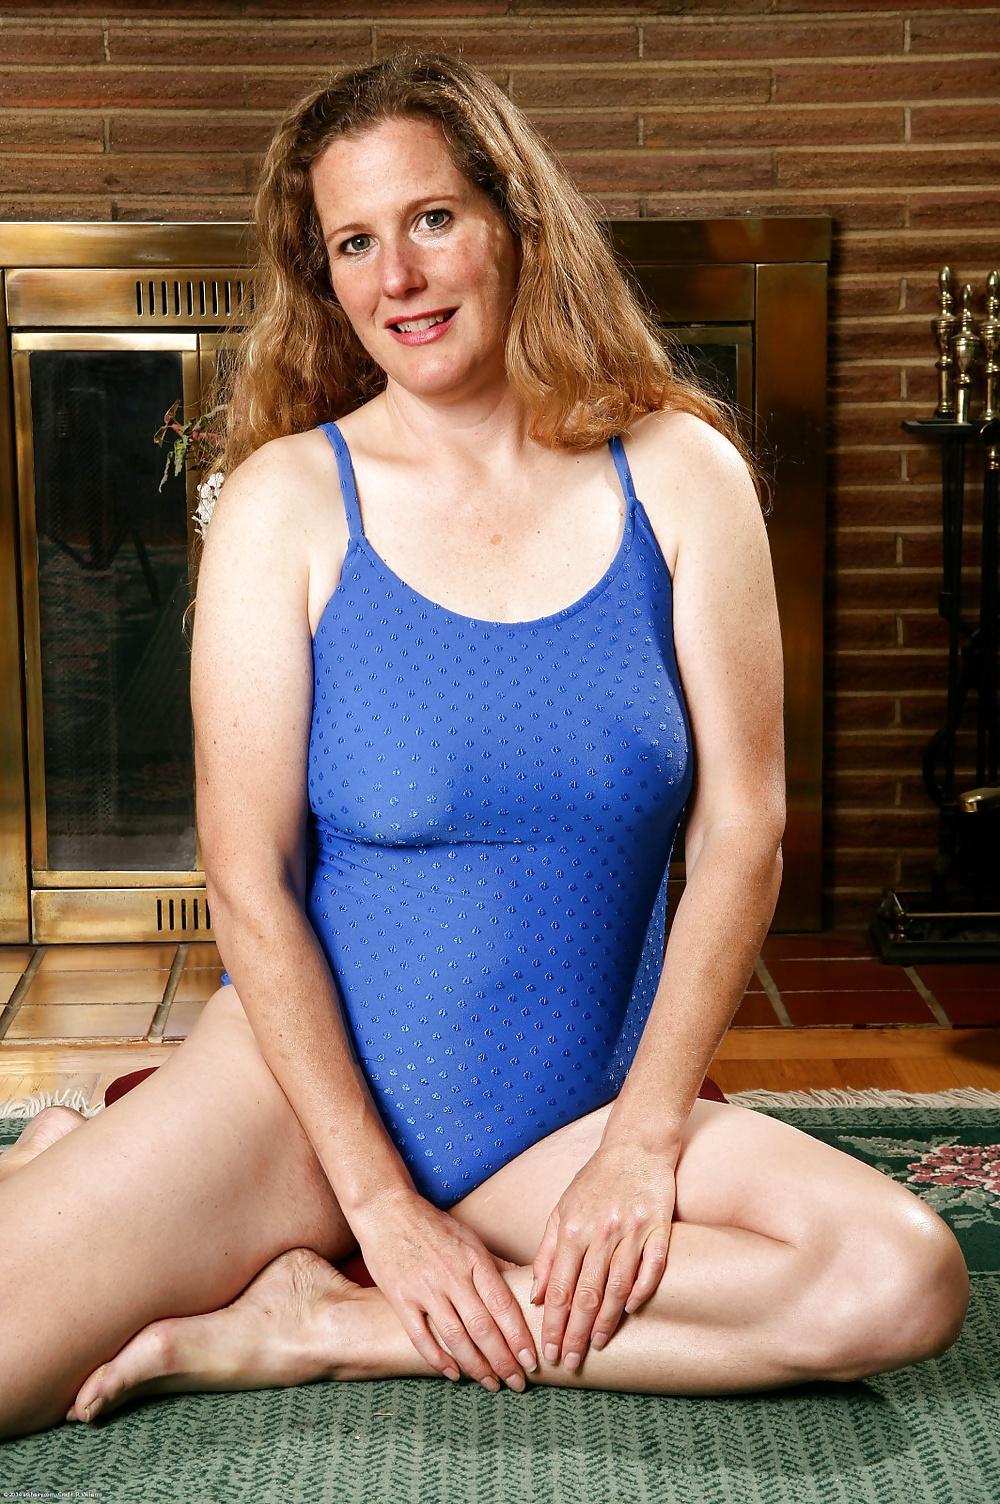 Сайты С Голыми Женщинами Фото